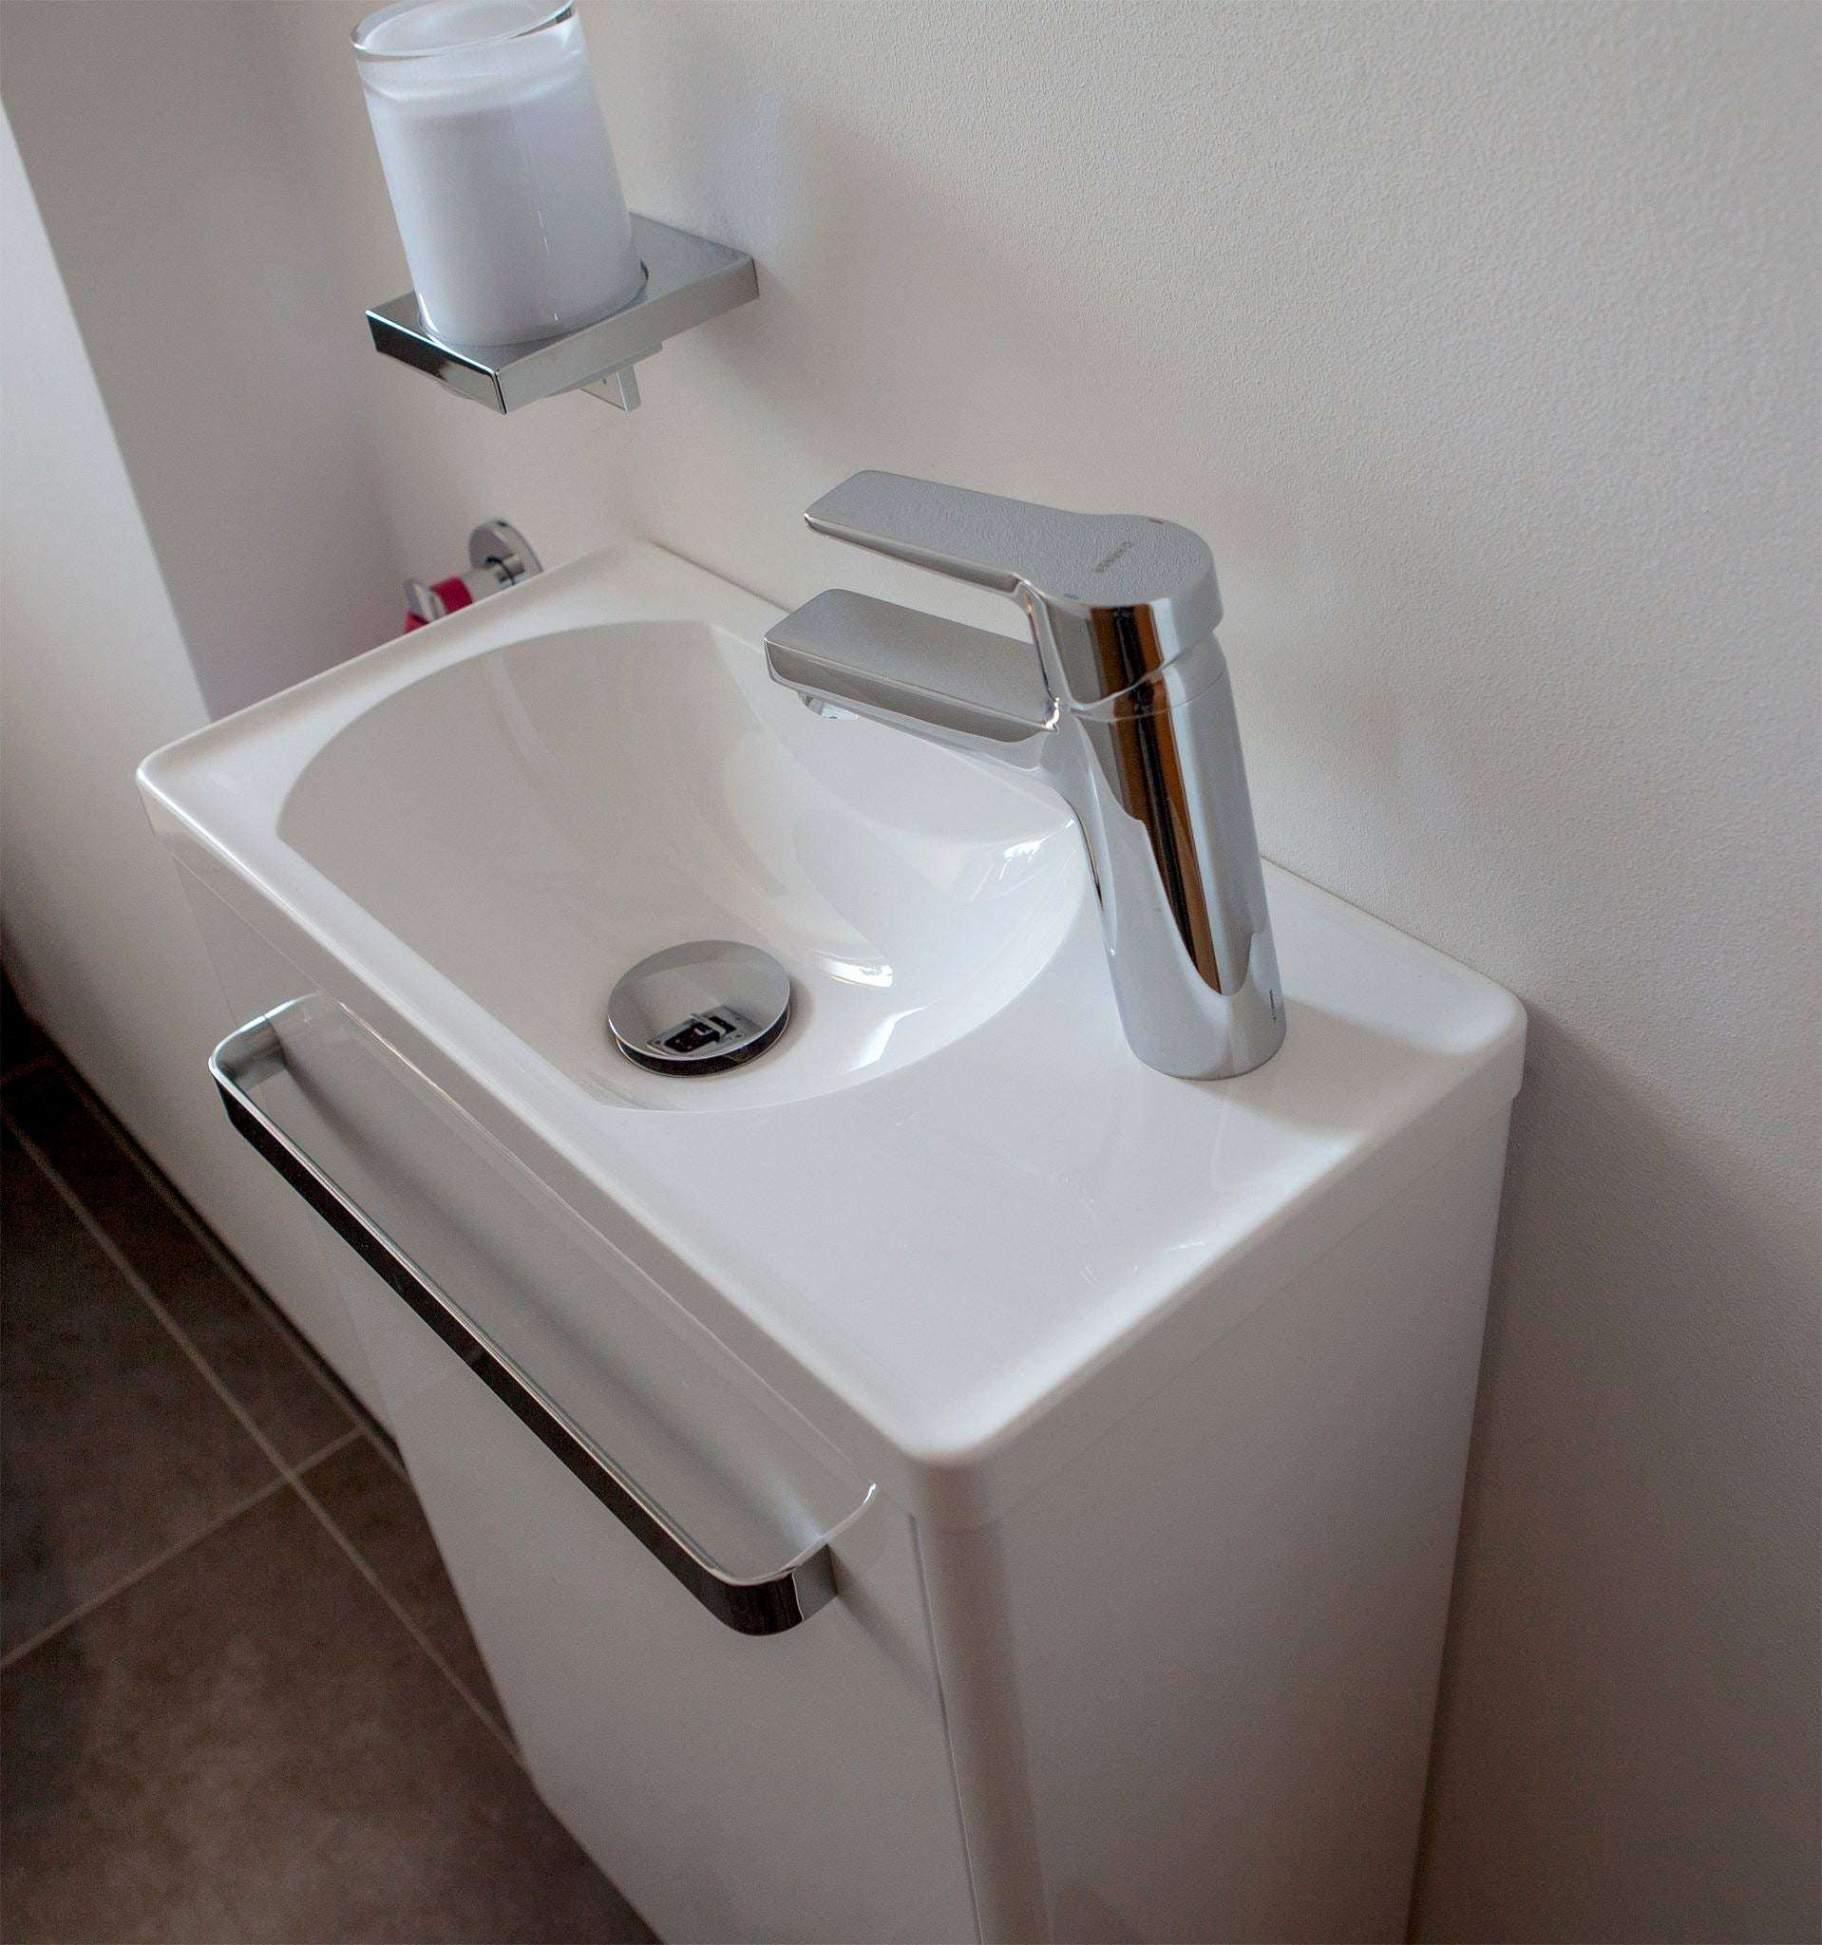 garten wc selber bauen neu toilette mit waschbecken temobardz home blog of garten wc selber bauen